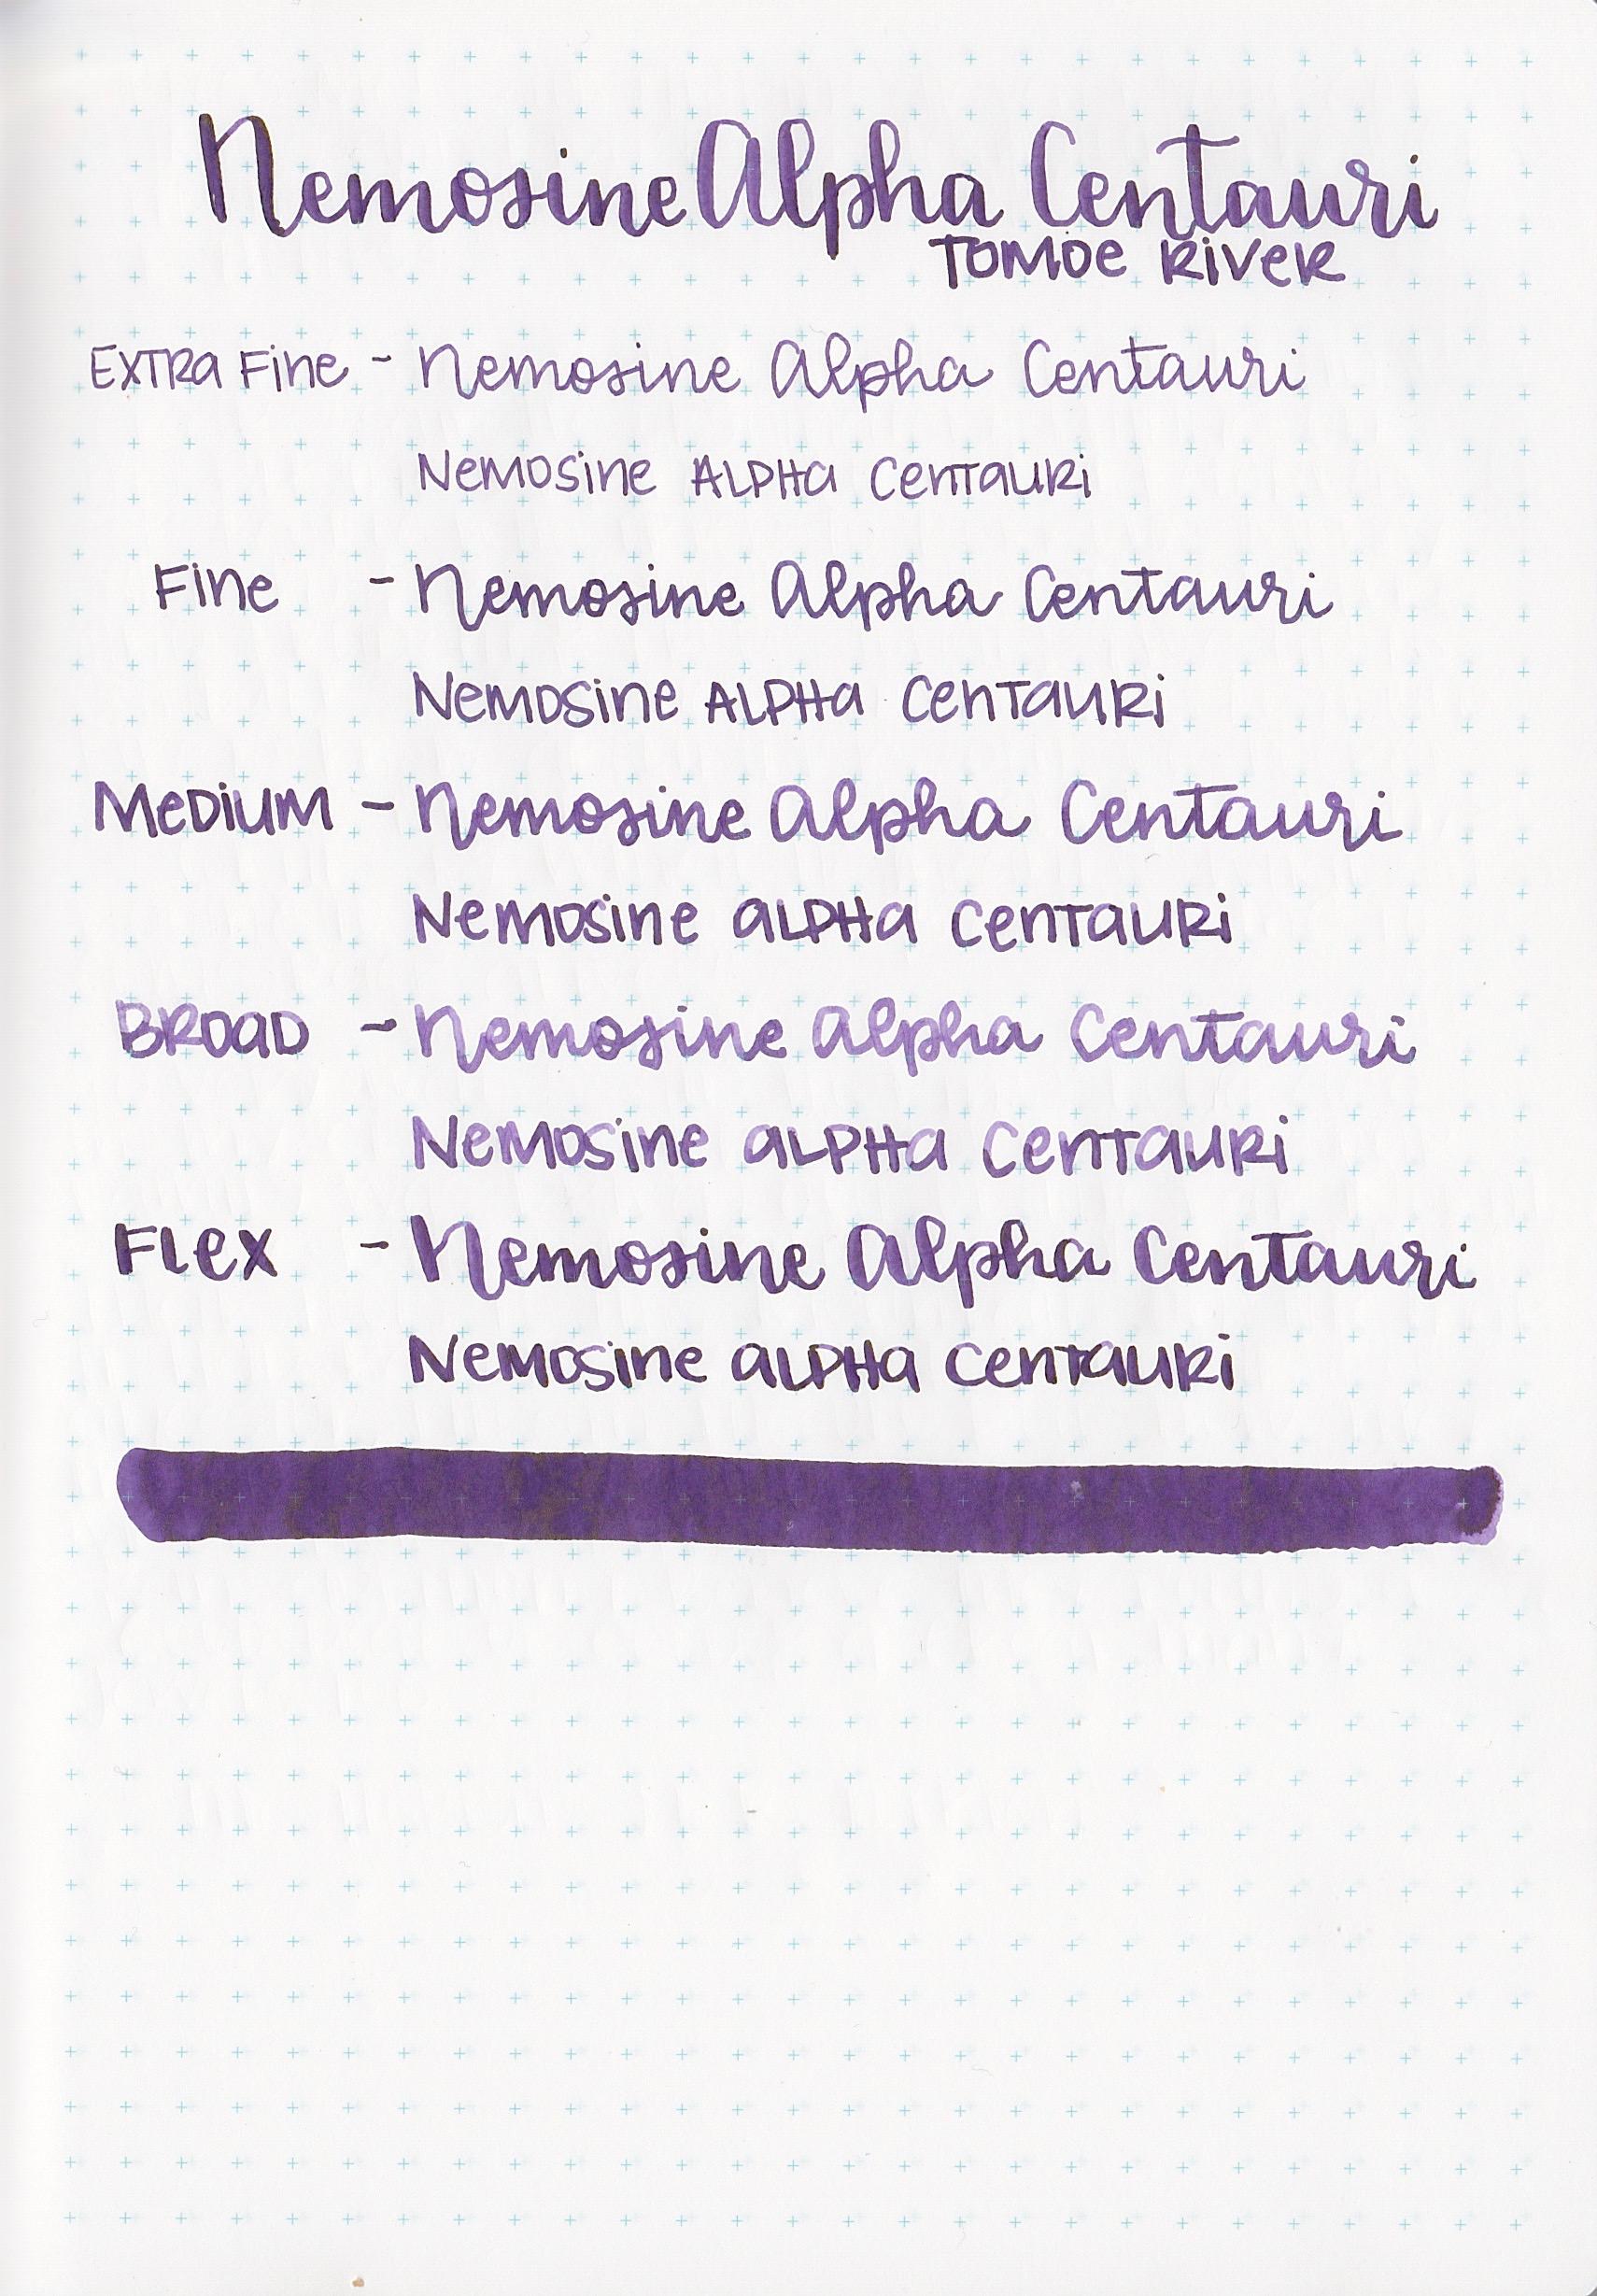 NemoAlphaCentauri - 7.jpg